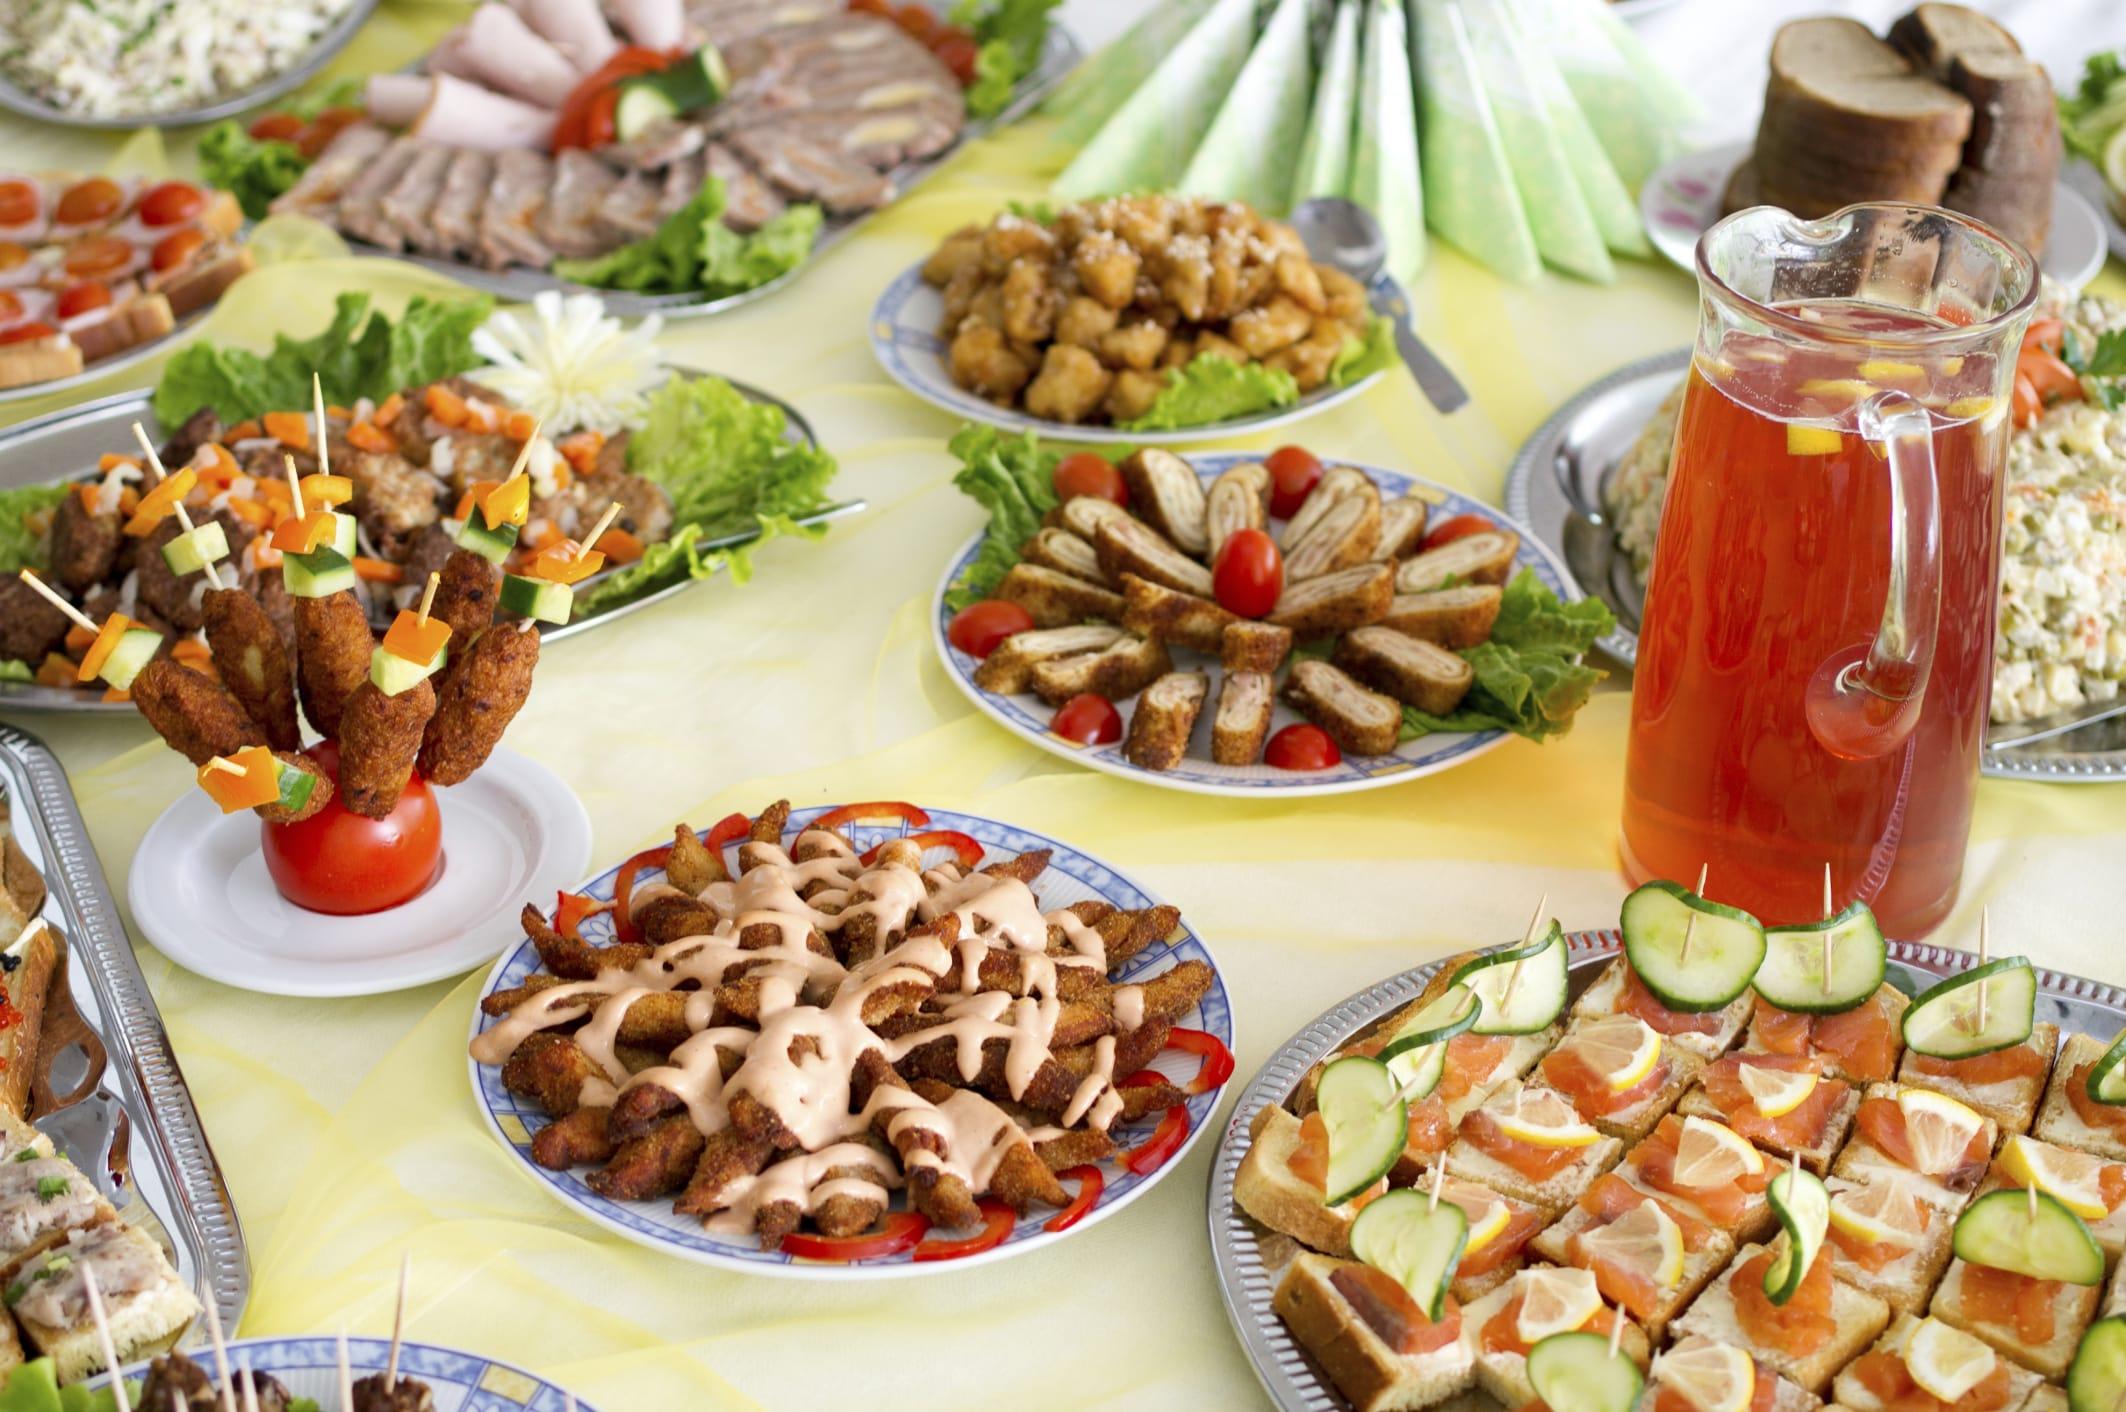 Conosciuto Come organizzare un aperitivo in casa - Non sprecare KG92